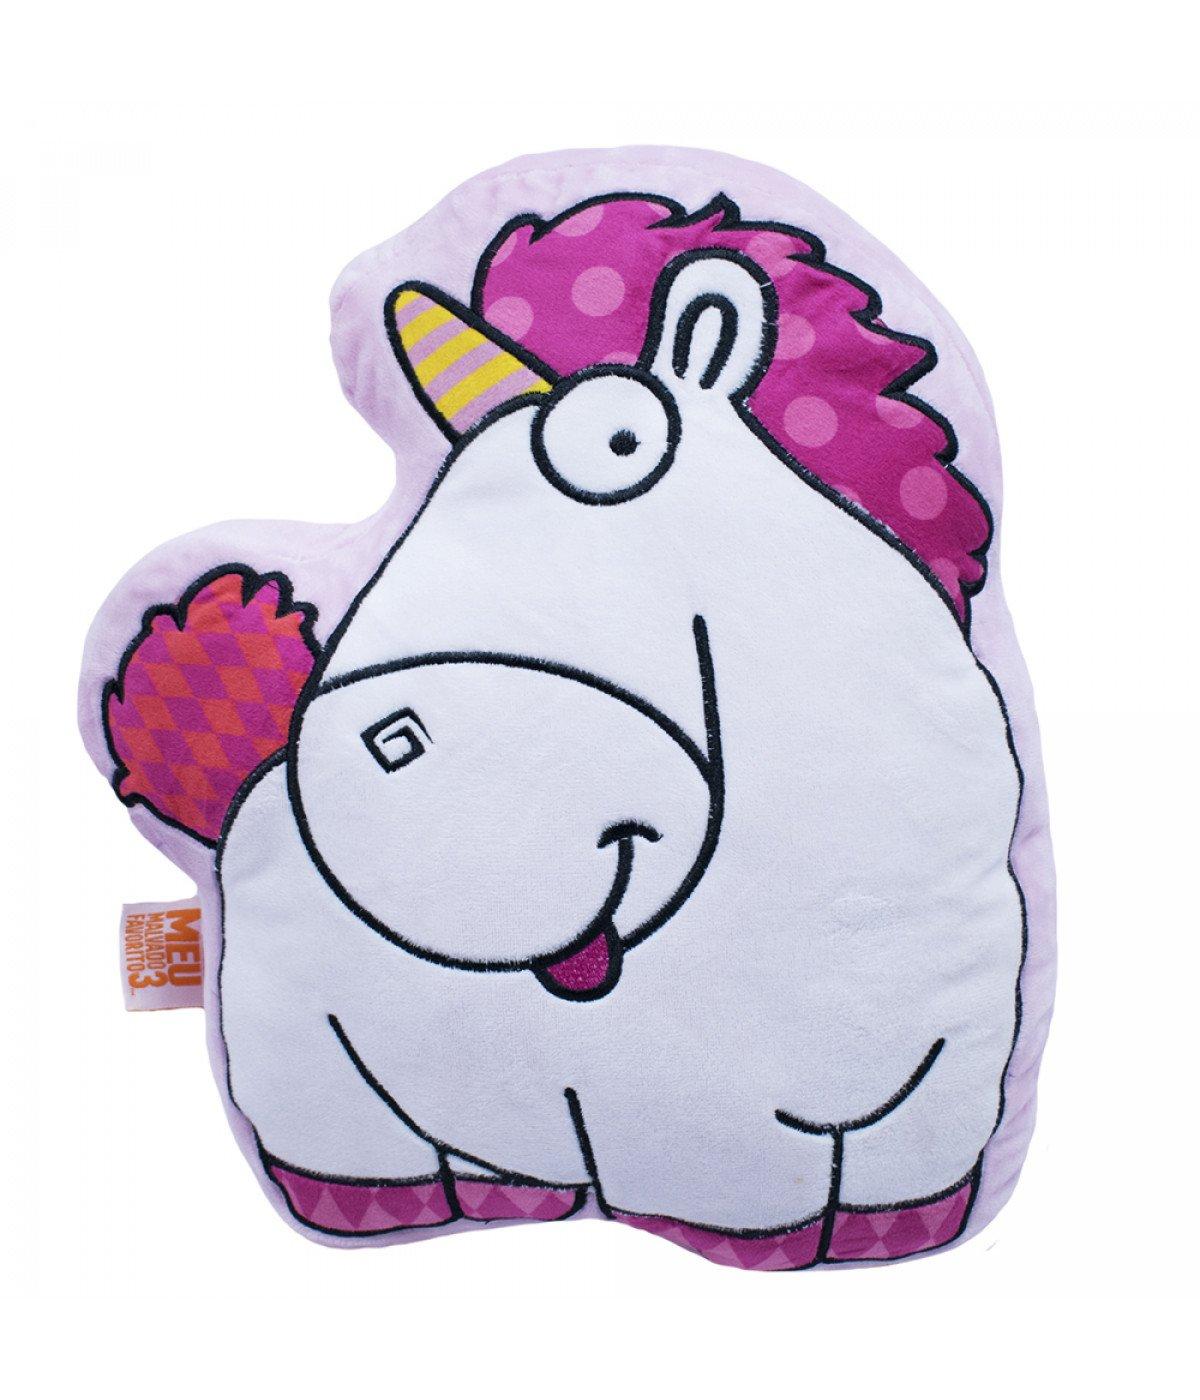 Almofada Fluffy: Meu Malvado Favorito